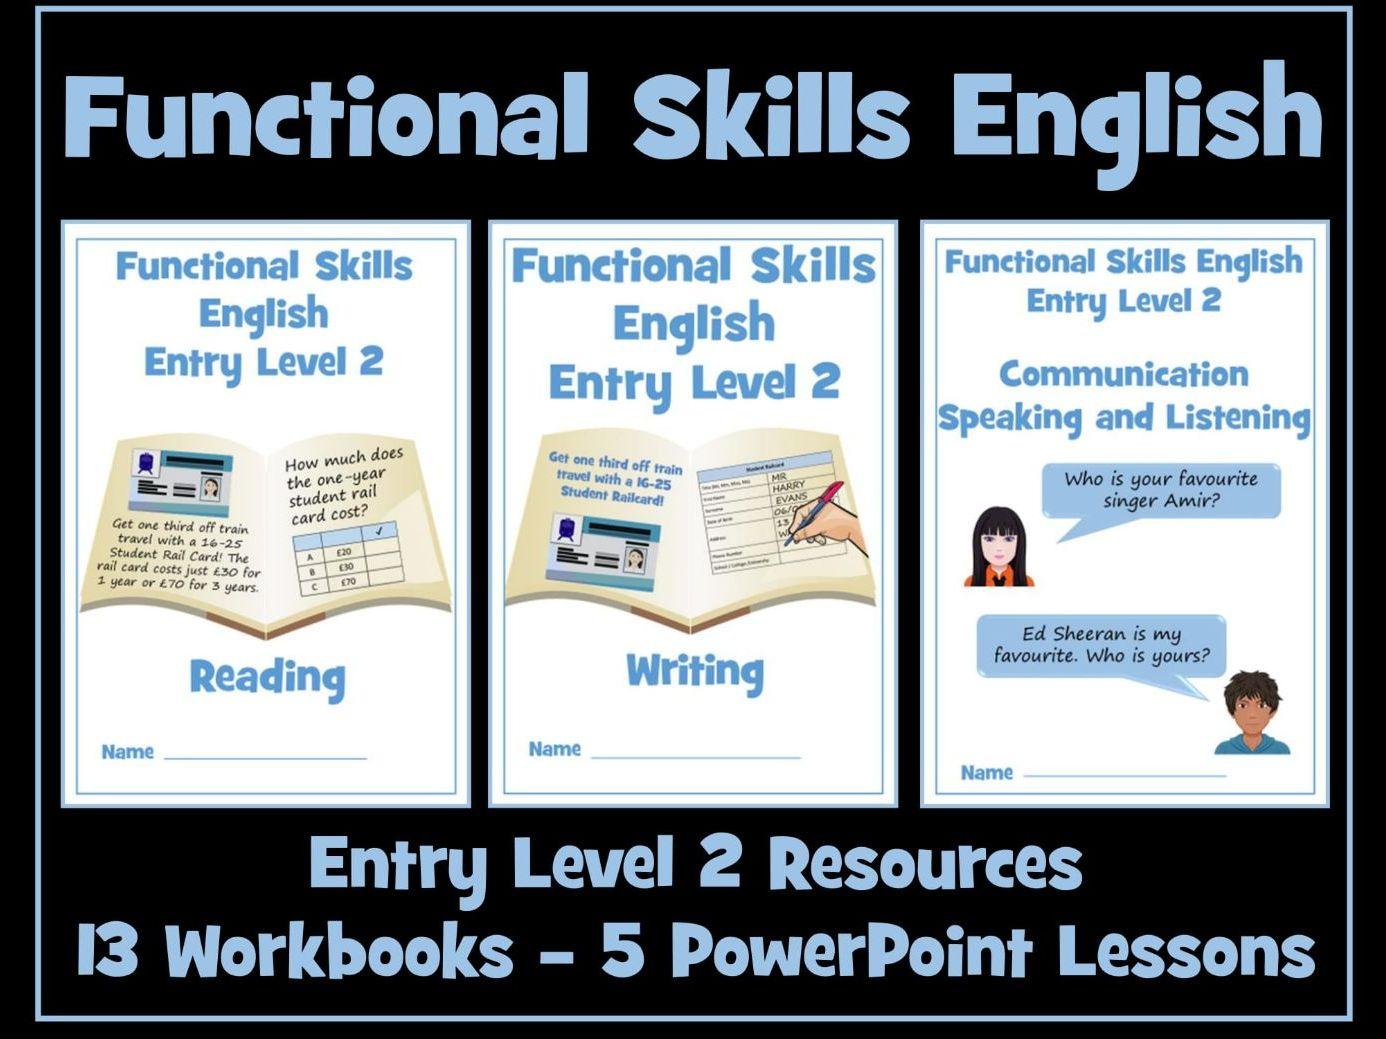 English Functional Skills Entry Level 2 Bundle